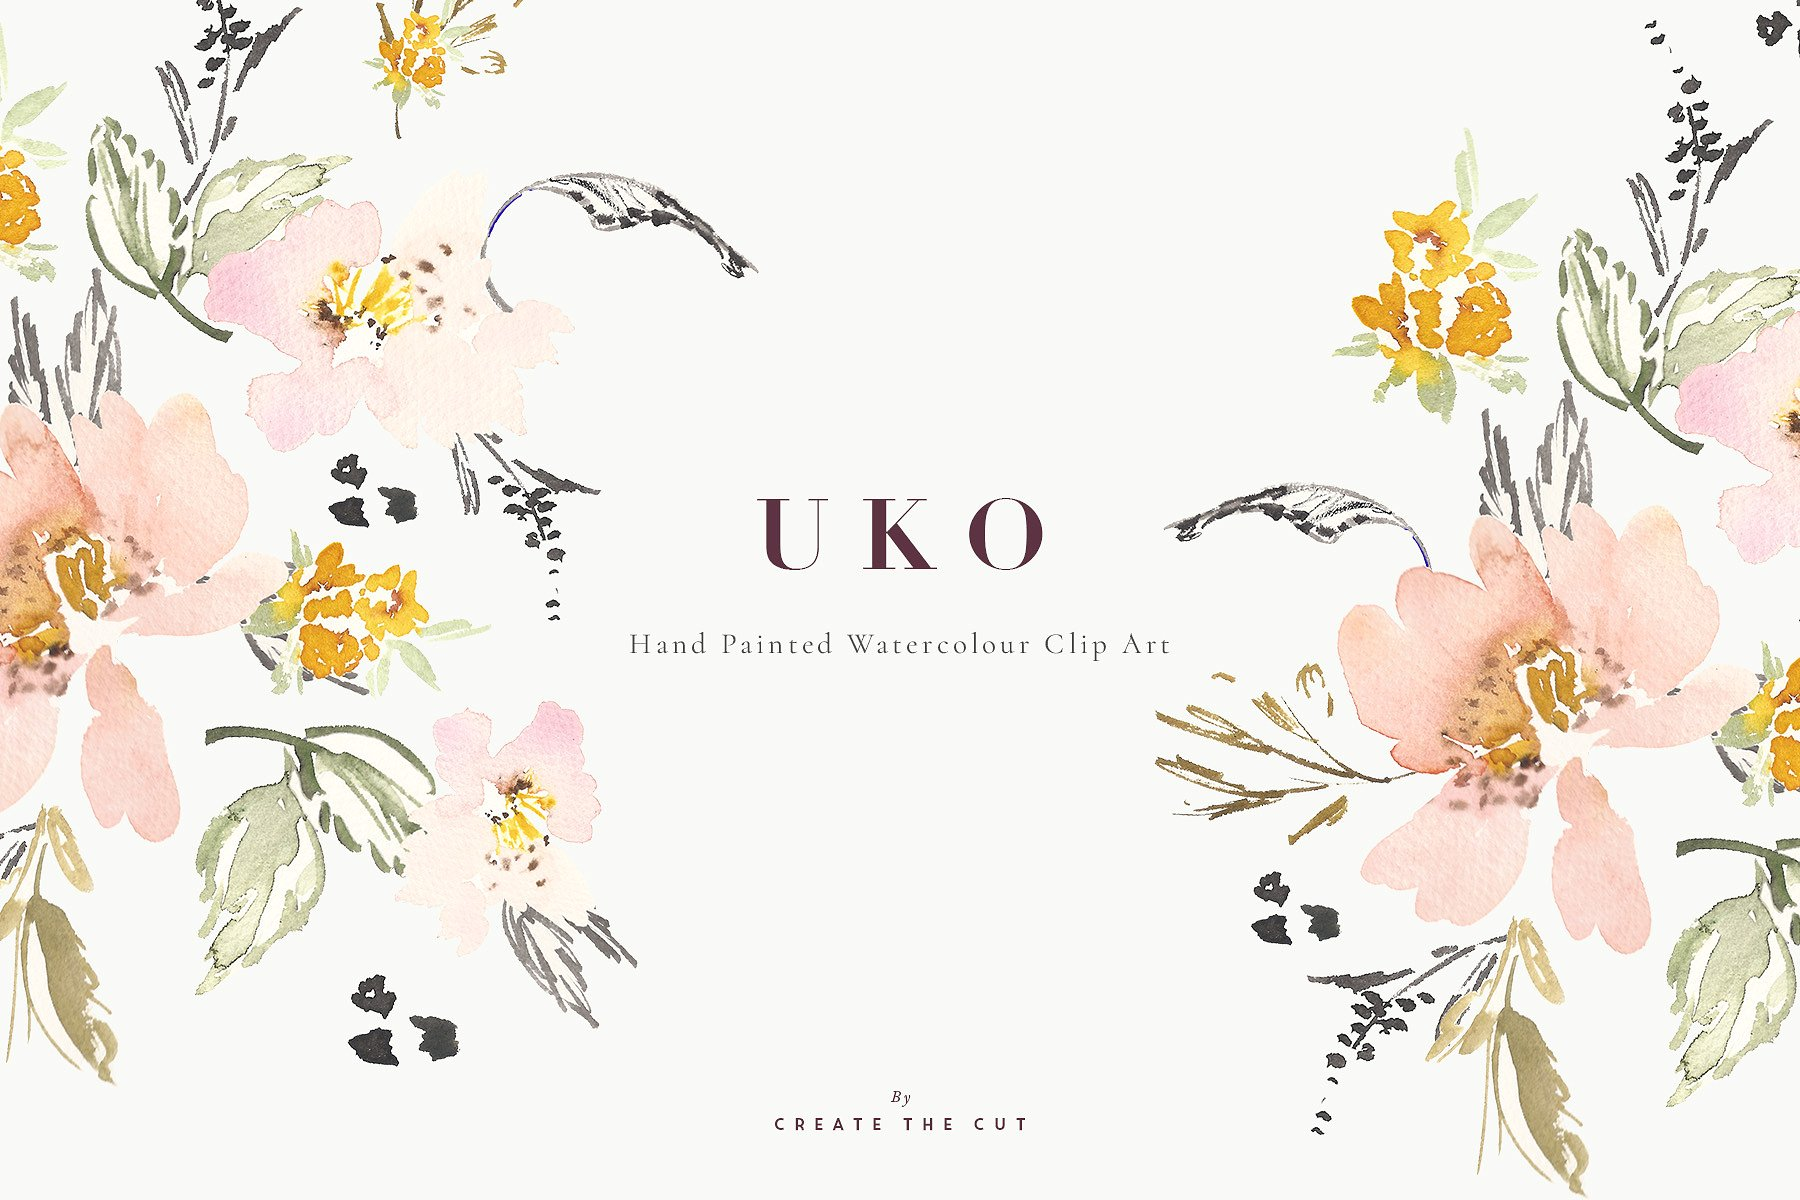 uko-cm-menu-4-.jpg